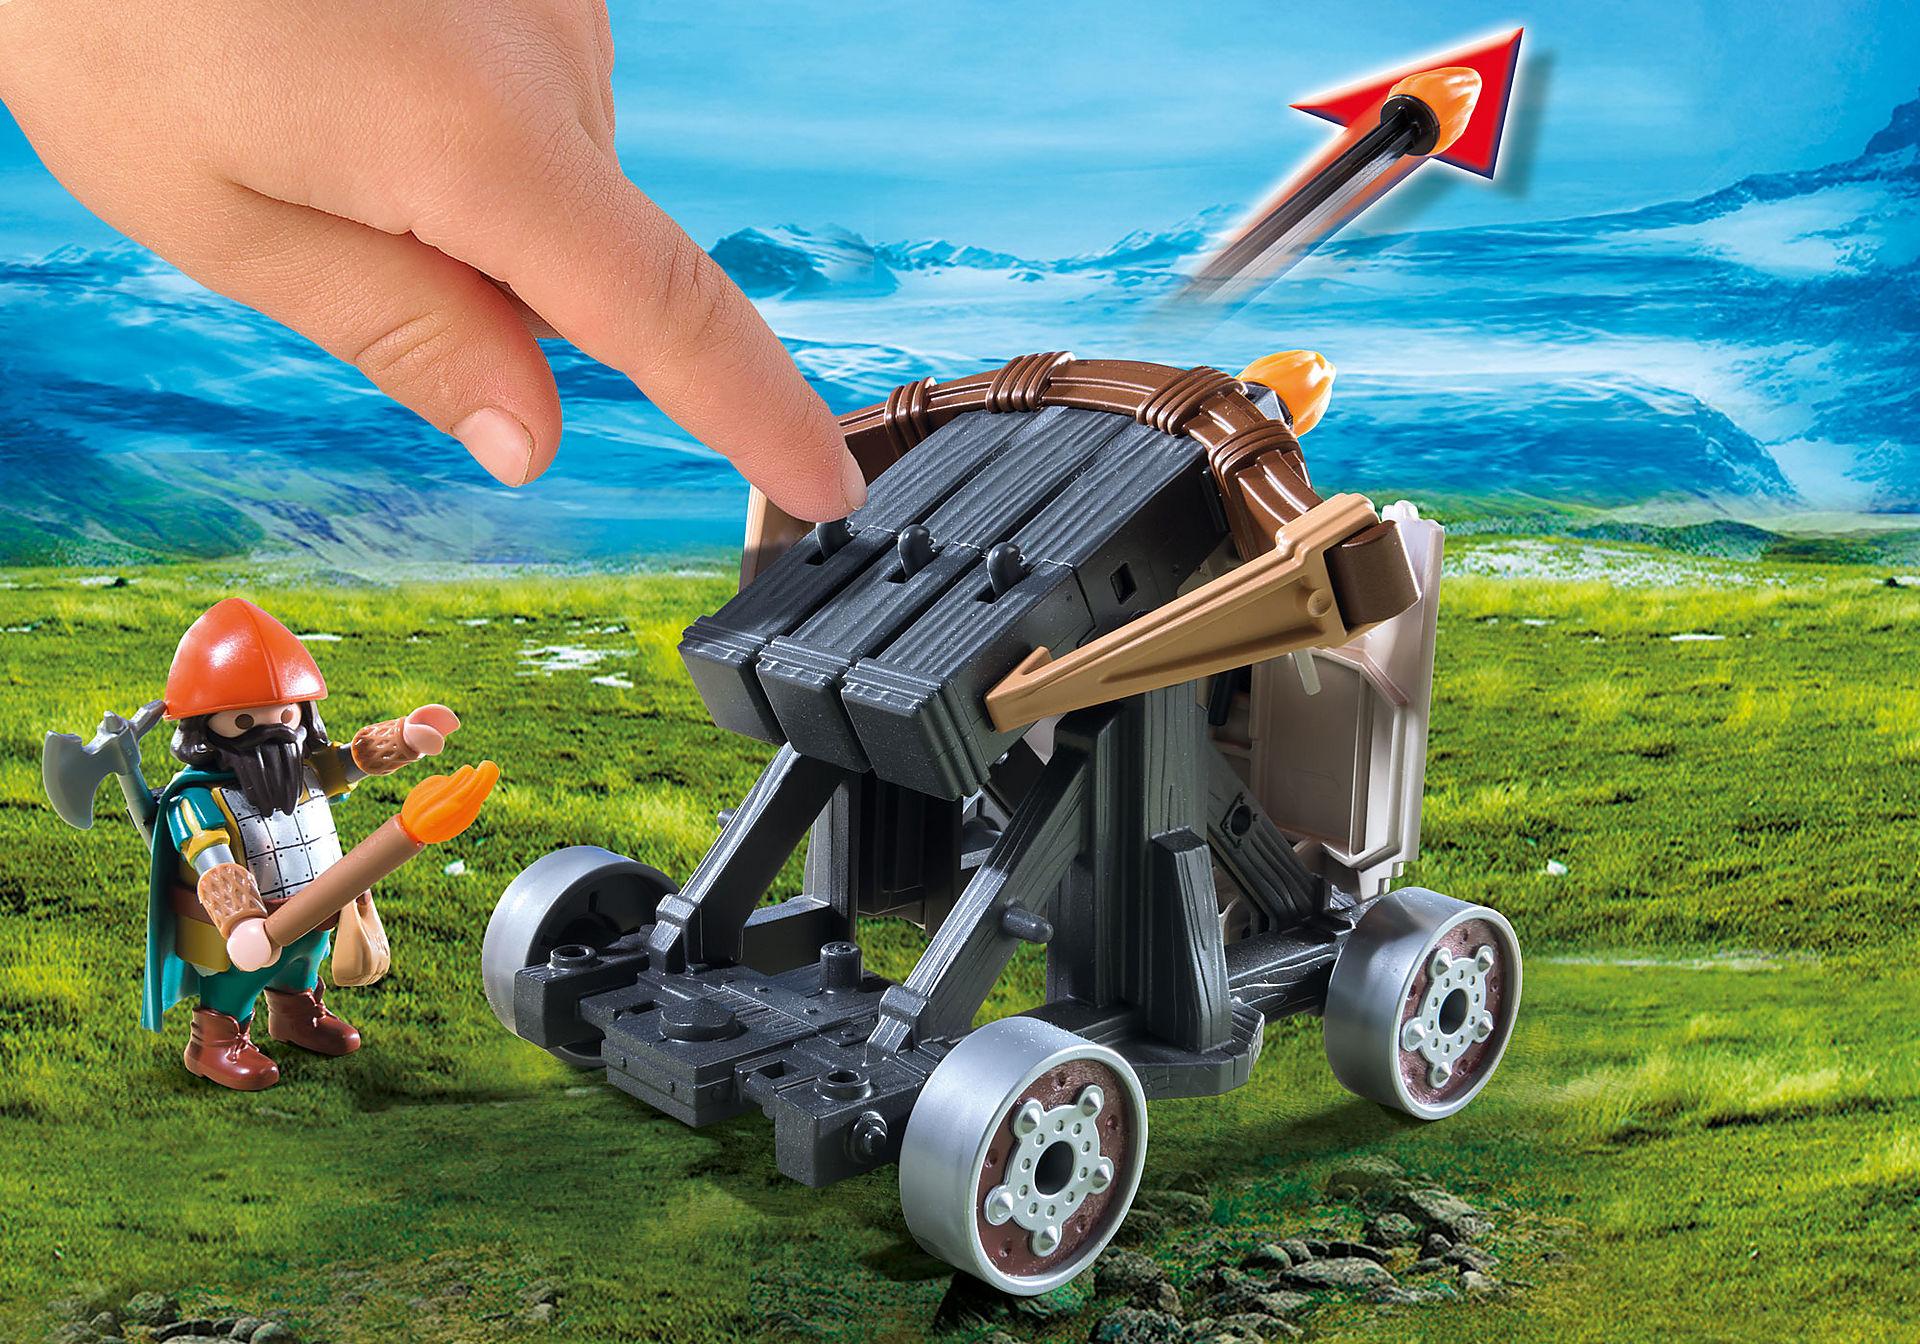 http://media.playmobil.com/i/playmobil/9341_product_extra2/Hästspann med dvärgar och ballist